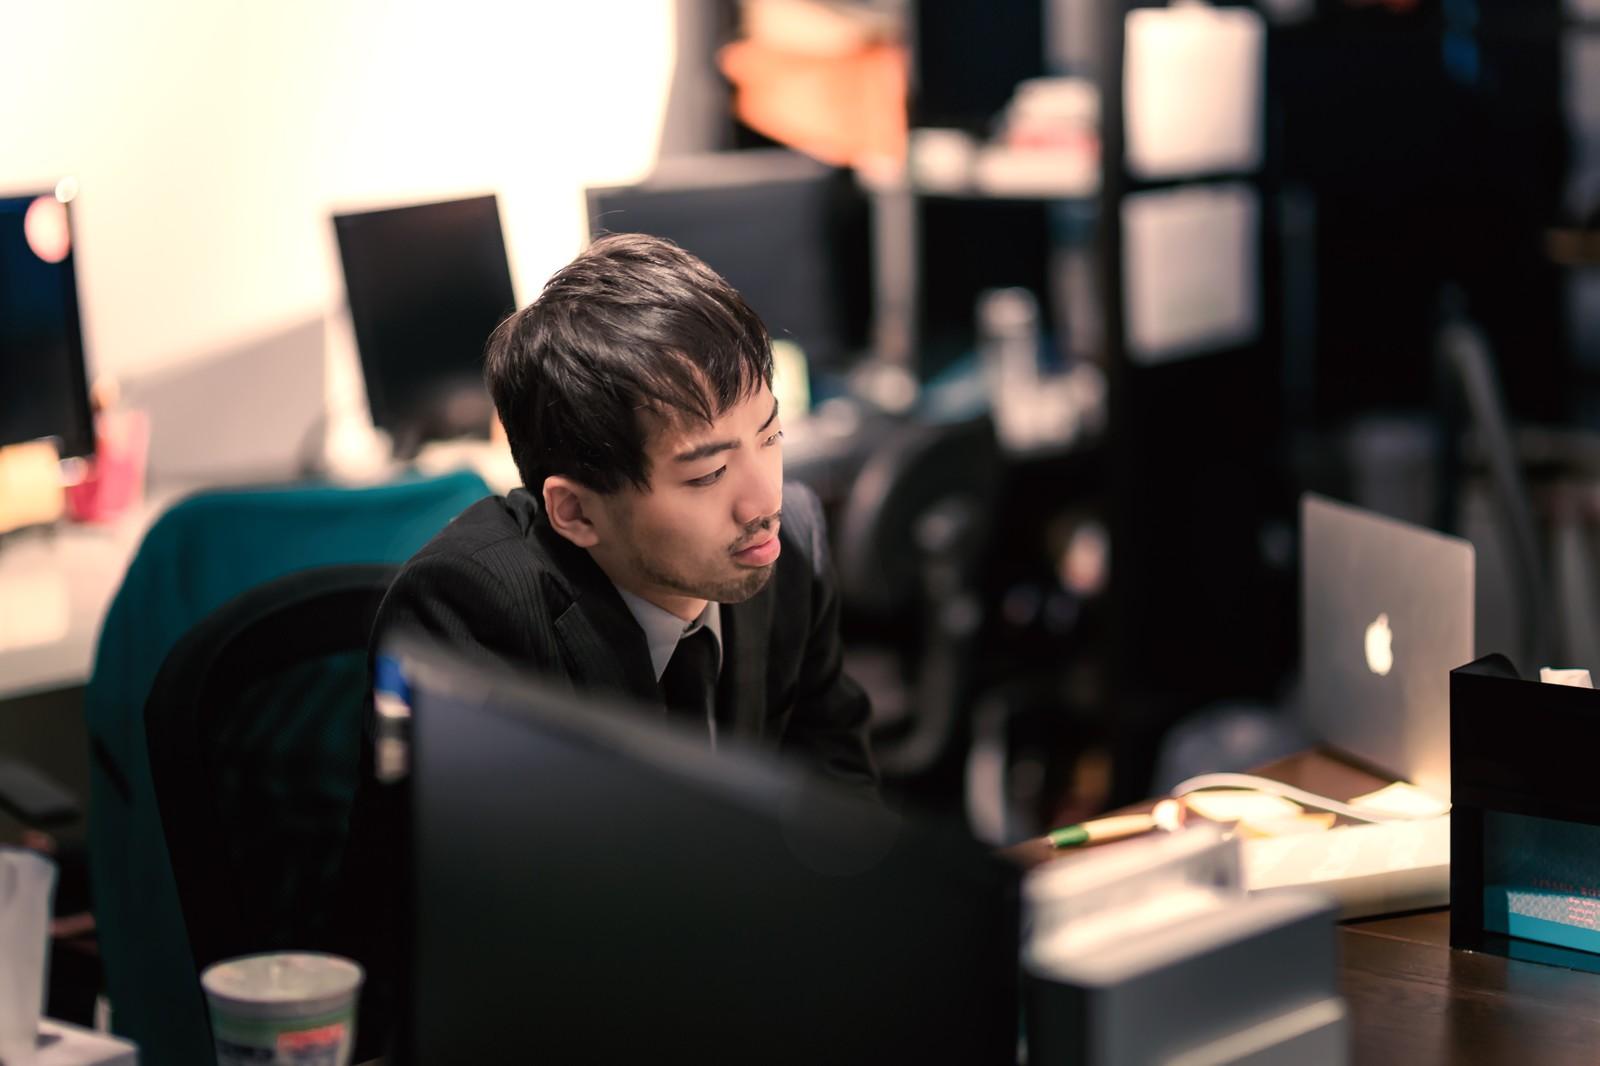 中途入社の会社、職場に馴染めなくて辛いのは誰のせい?辞める判断はいつする?